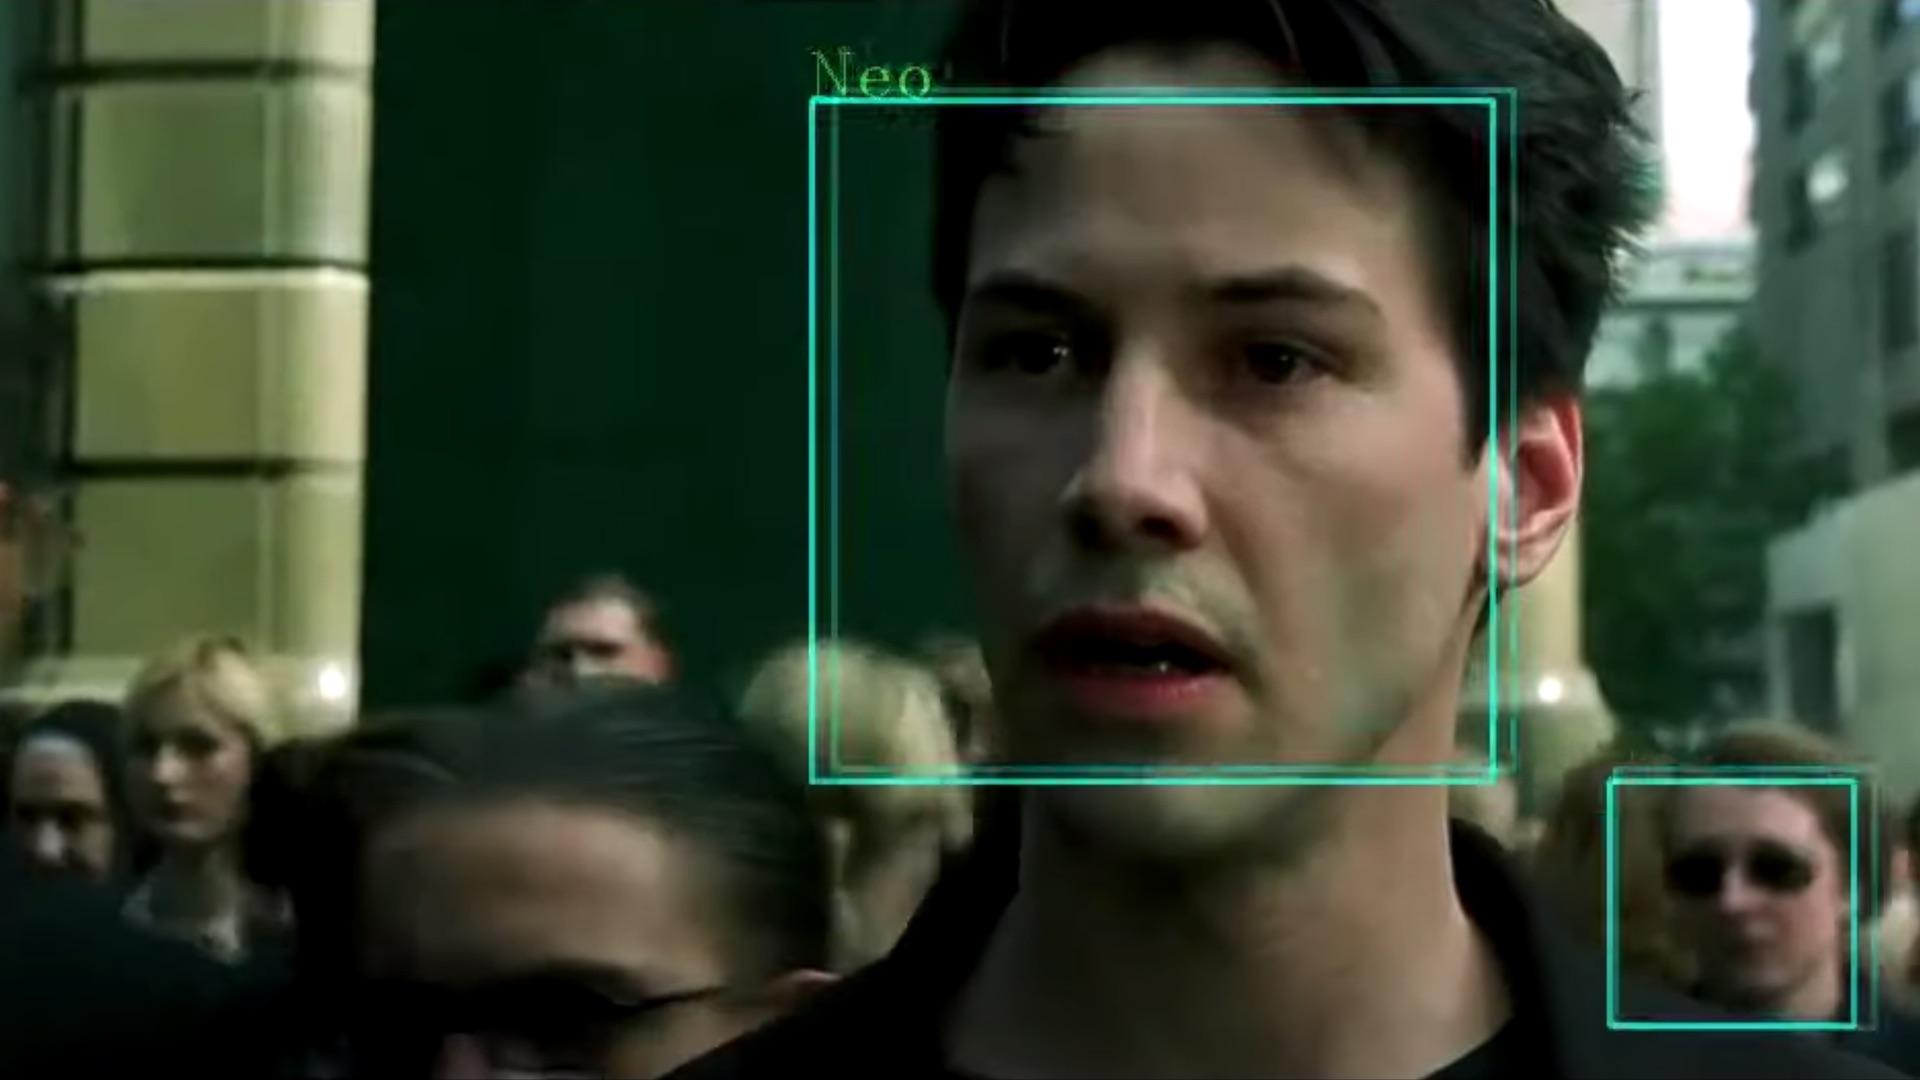 On a testé le site de reconnaissance faciale PimEyes: à deux doigts de la catastrophe dystopique